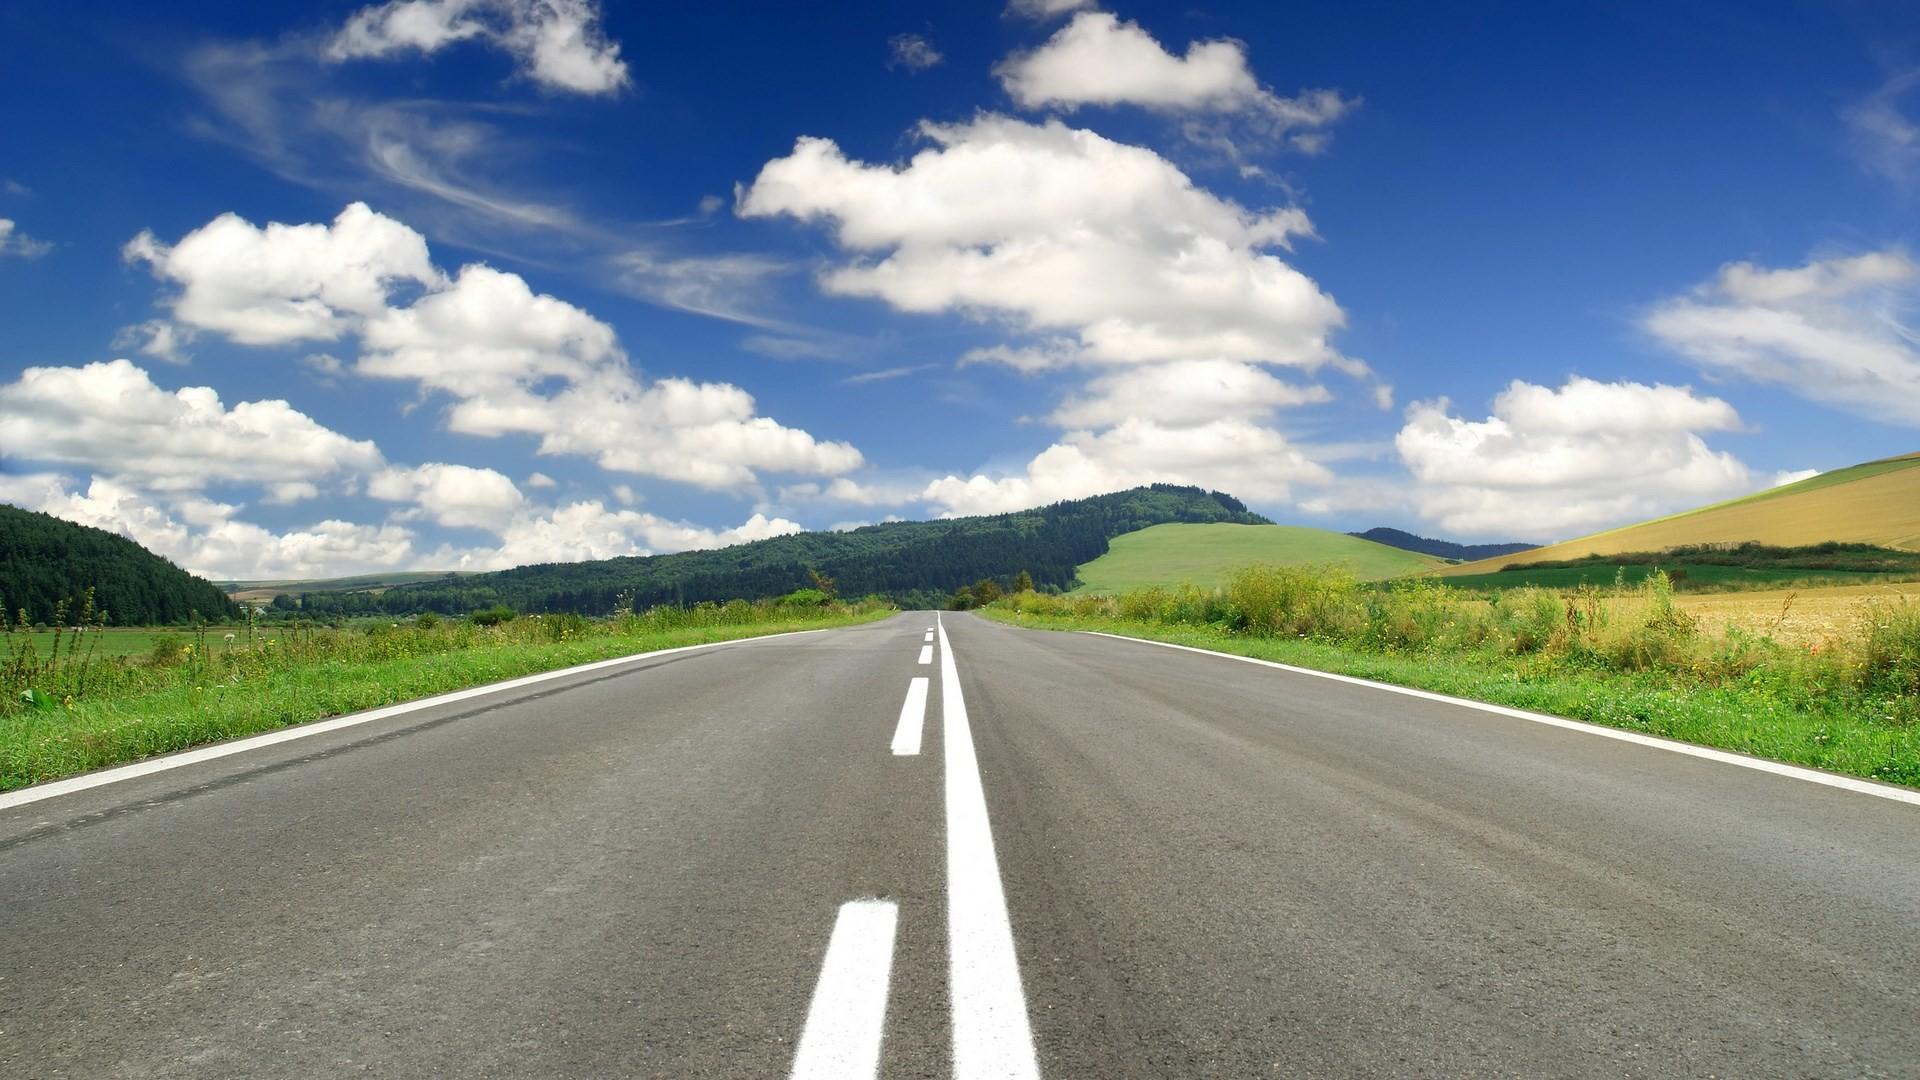 Pc Wallpaper Hd 1080p Nature Wallpaper   Data-src - Empty Road - HD Wallpaper